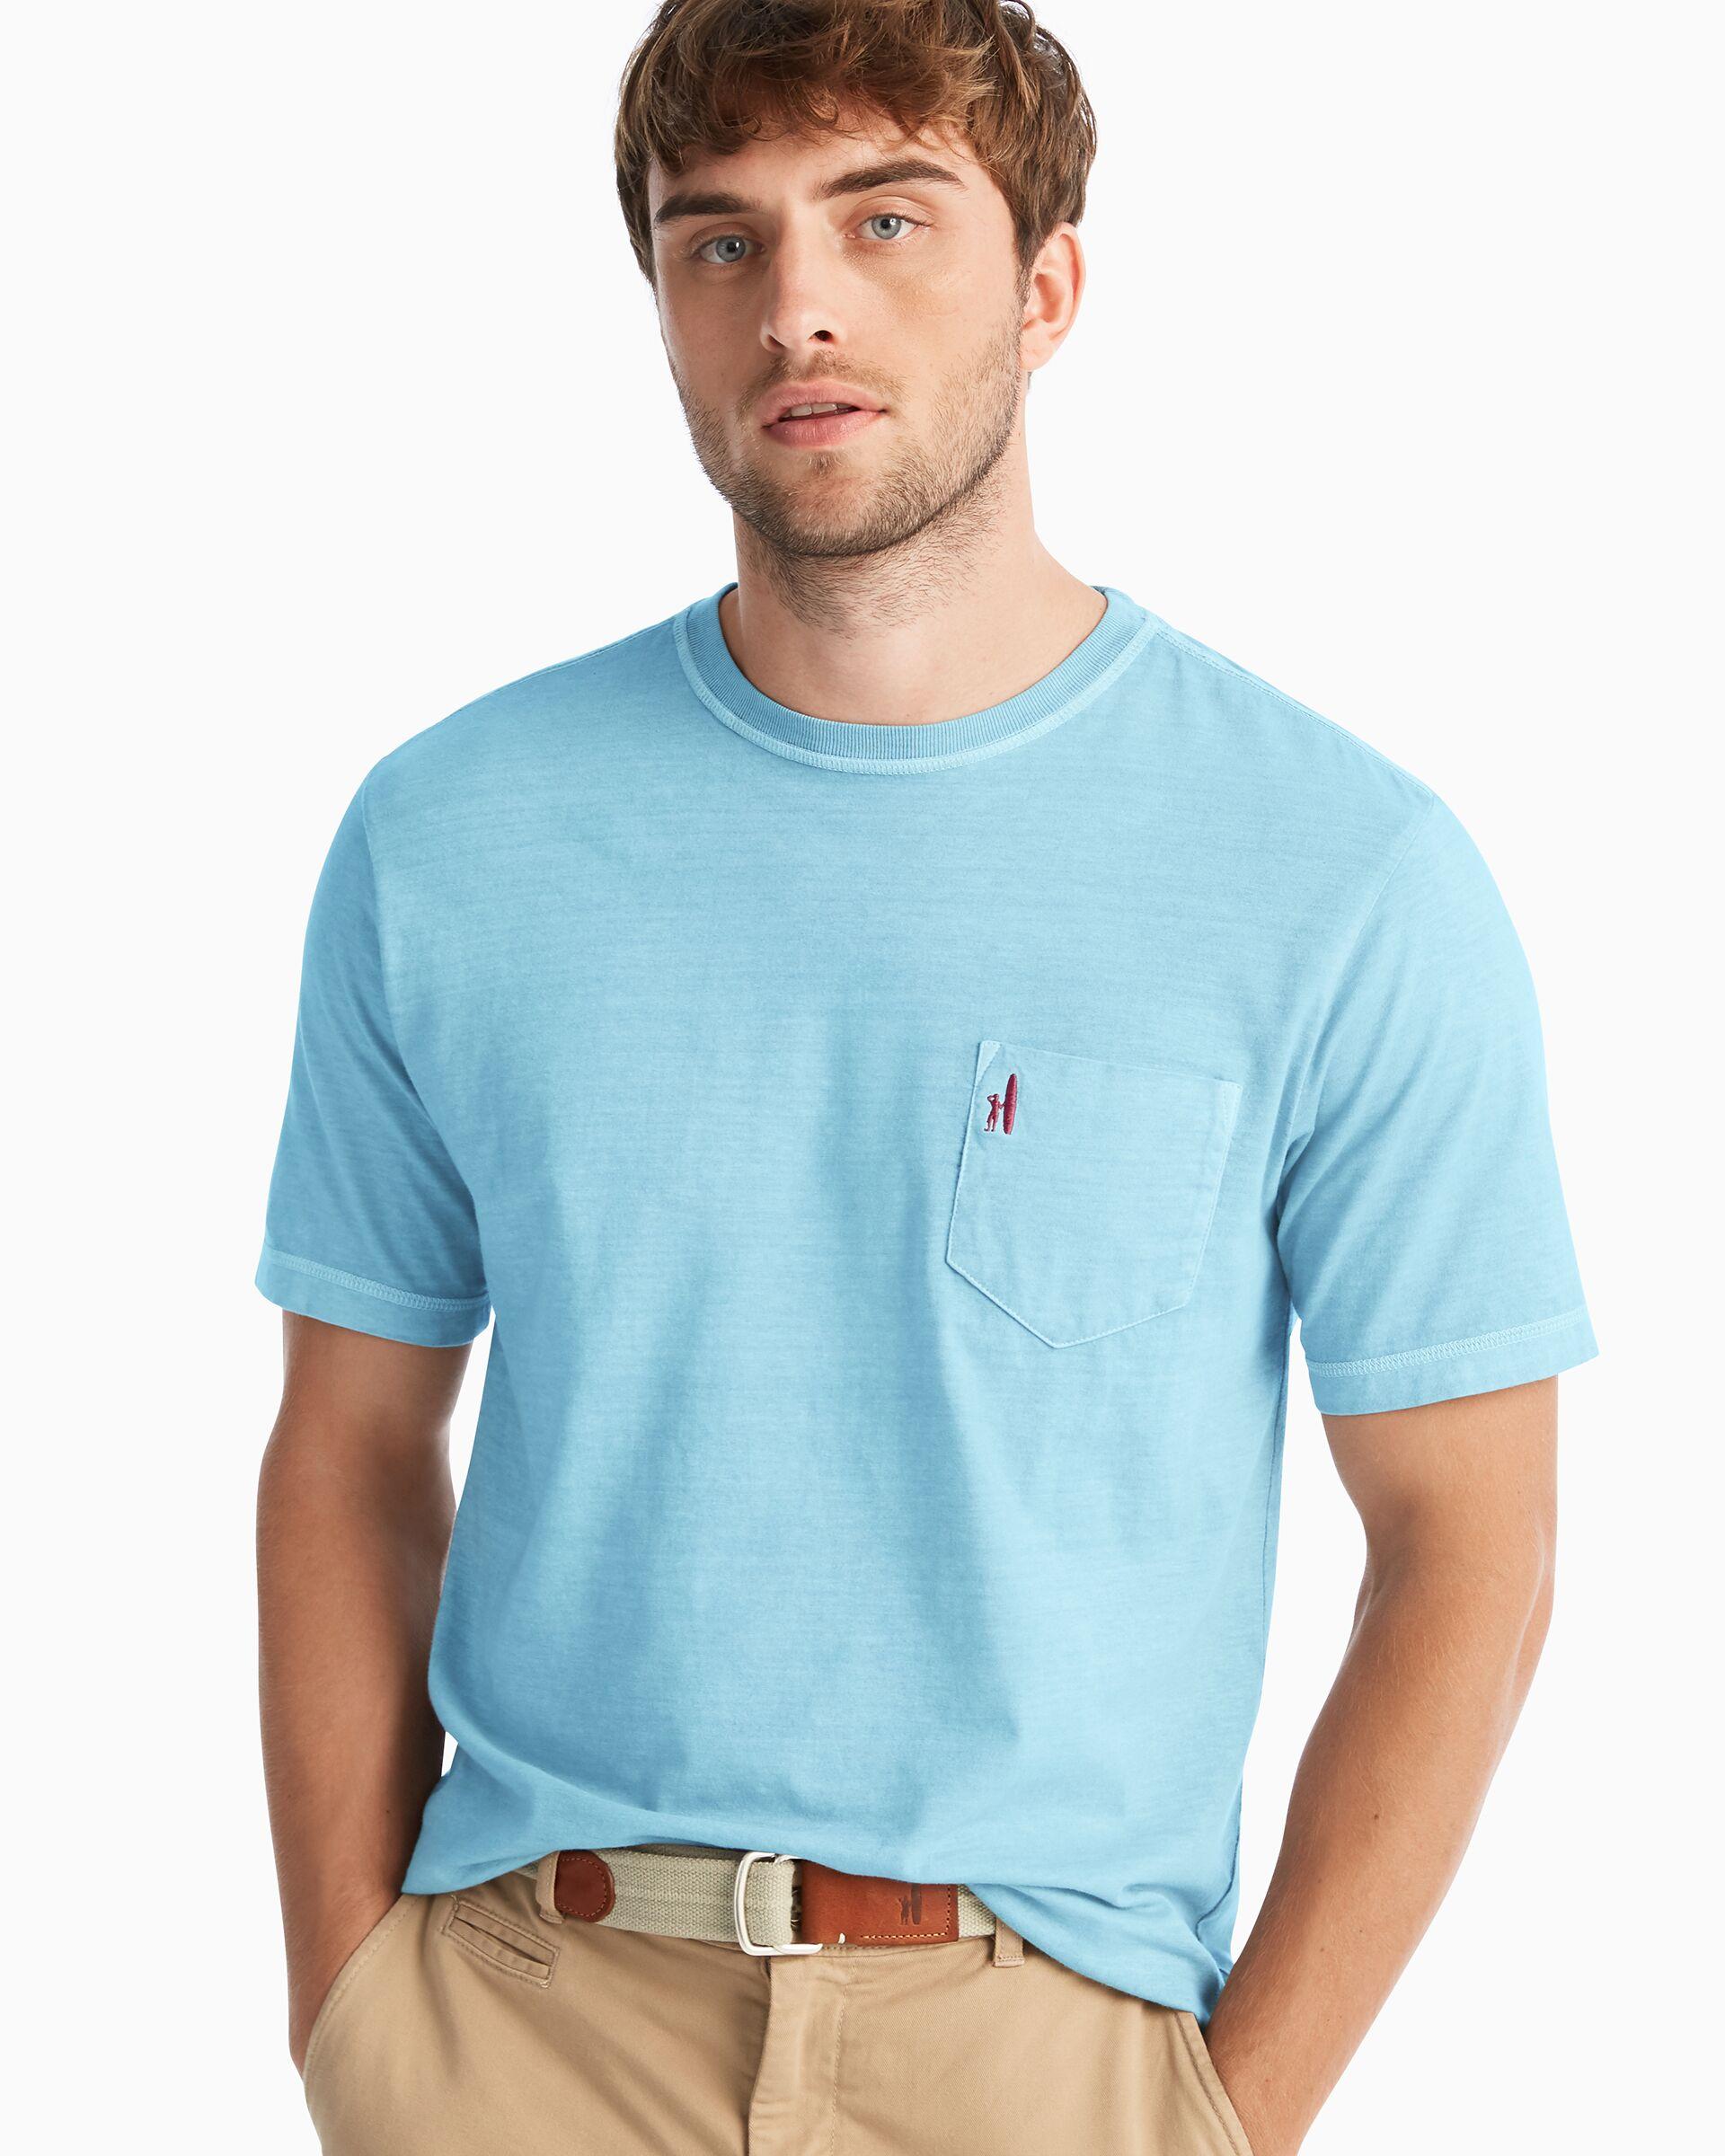 Dale T-Shirt (Niagara)